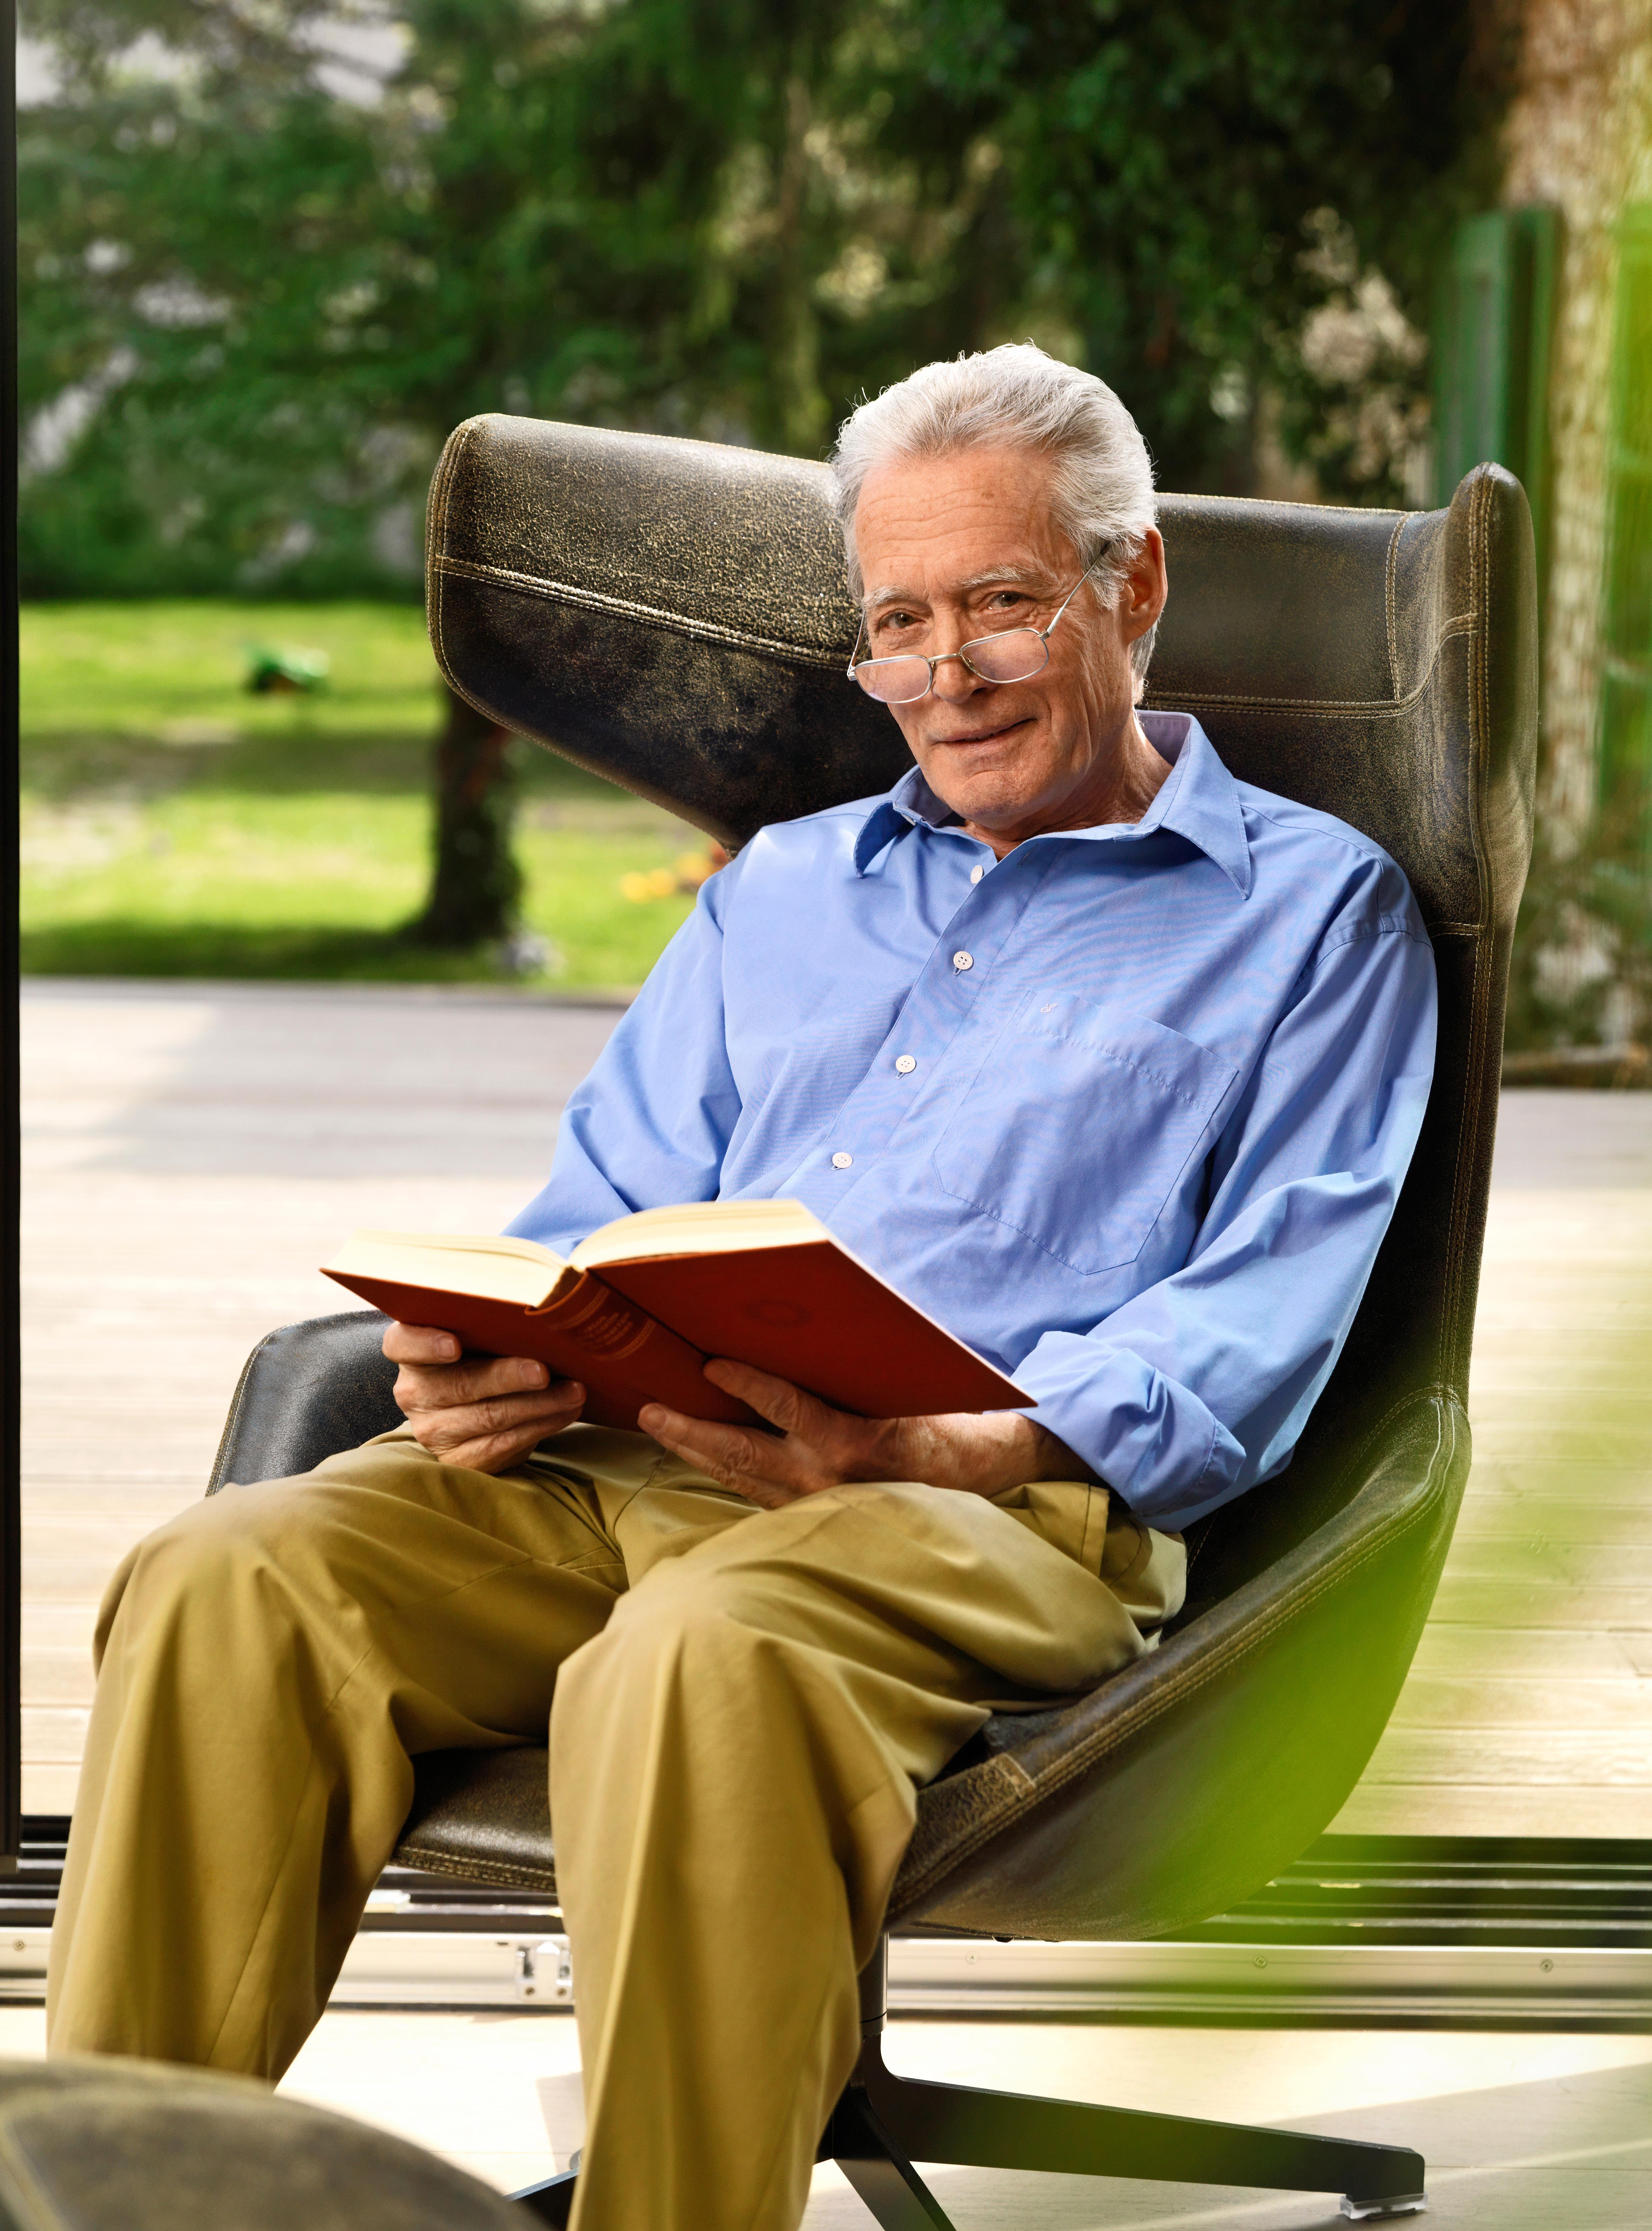 Aelterer Mann mit Brille und Buch